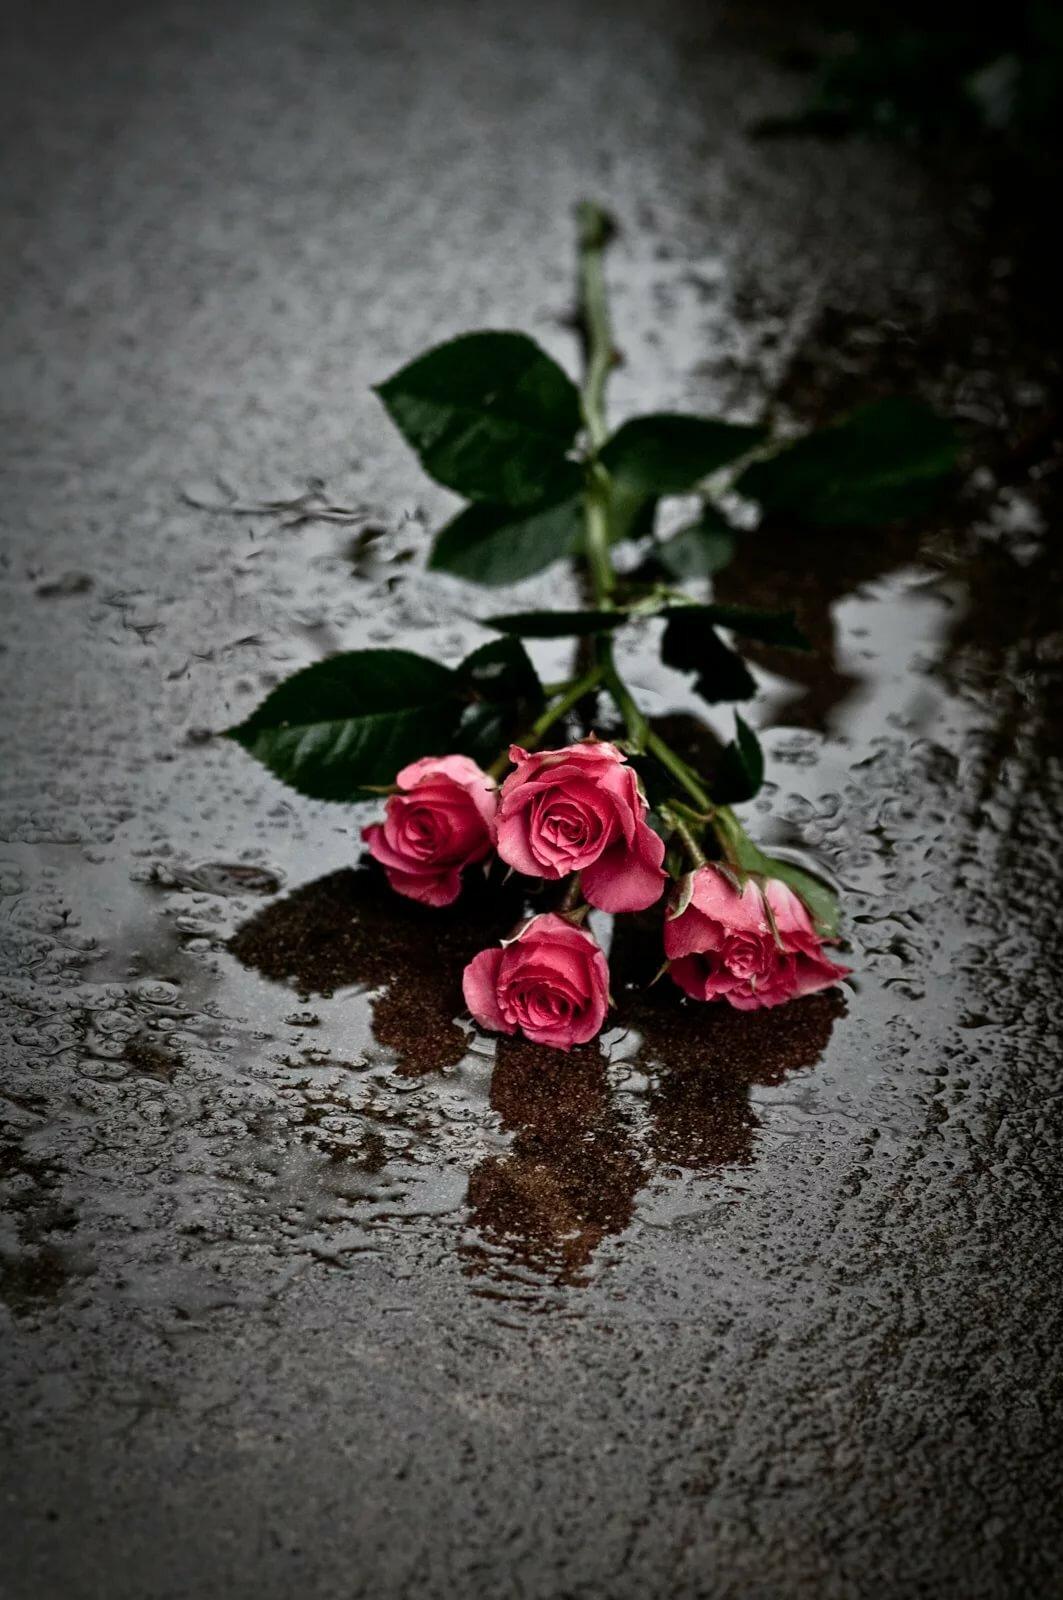 тех, грустные цветы фото дизайне используется